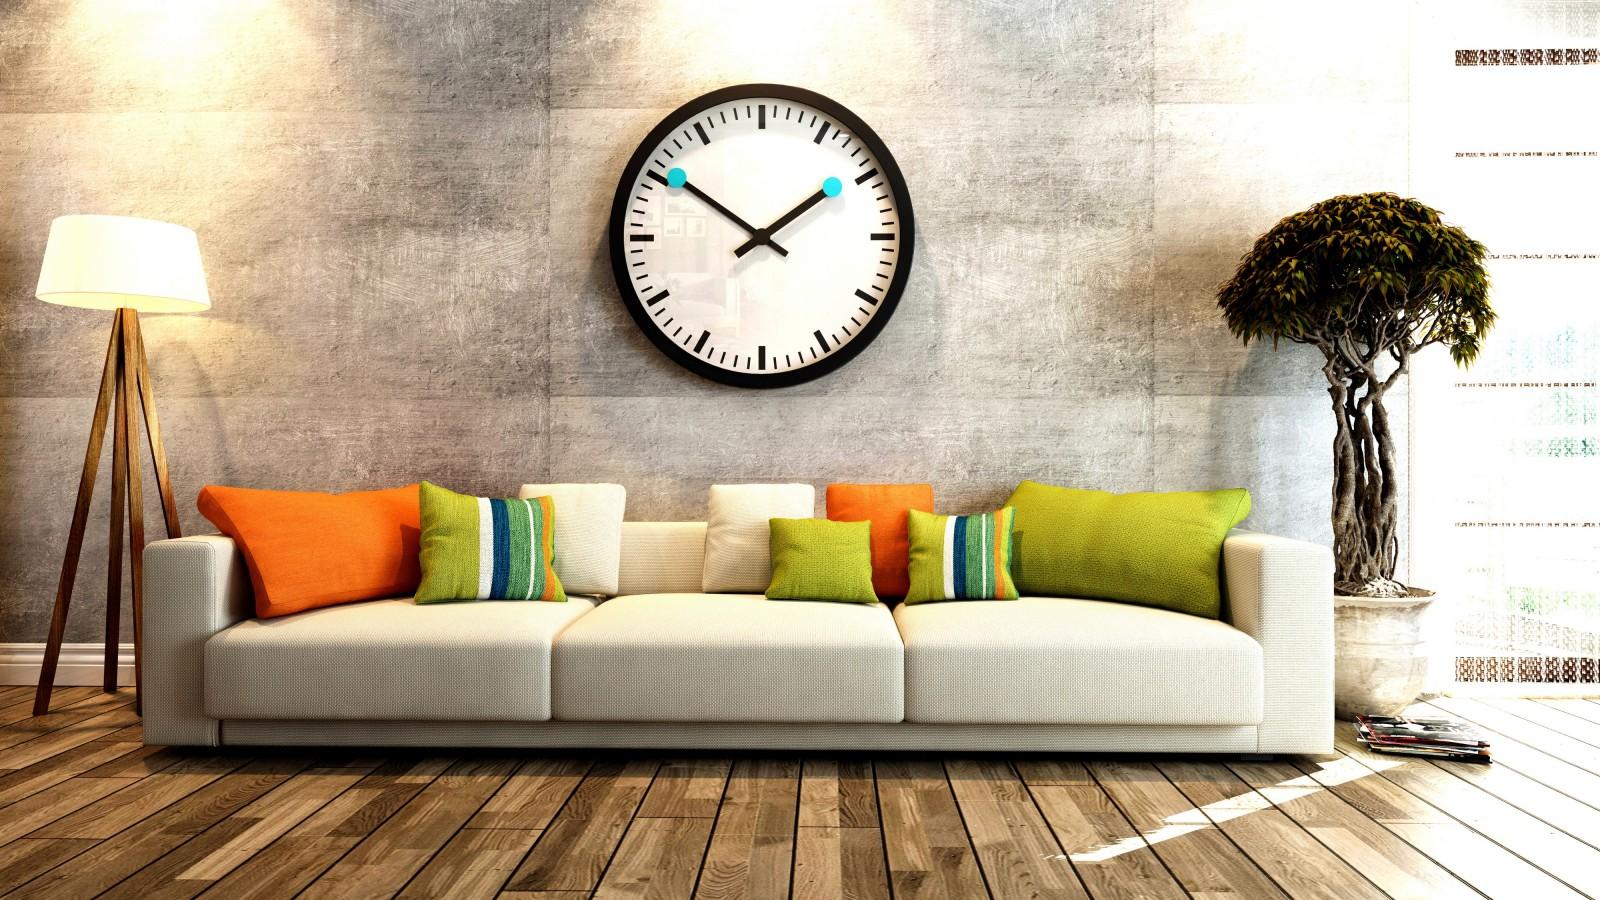 Este rentabil sa cumpar o canapea online?